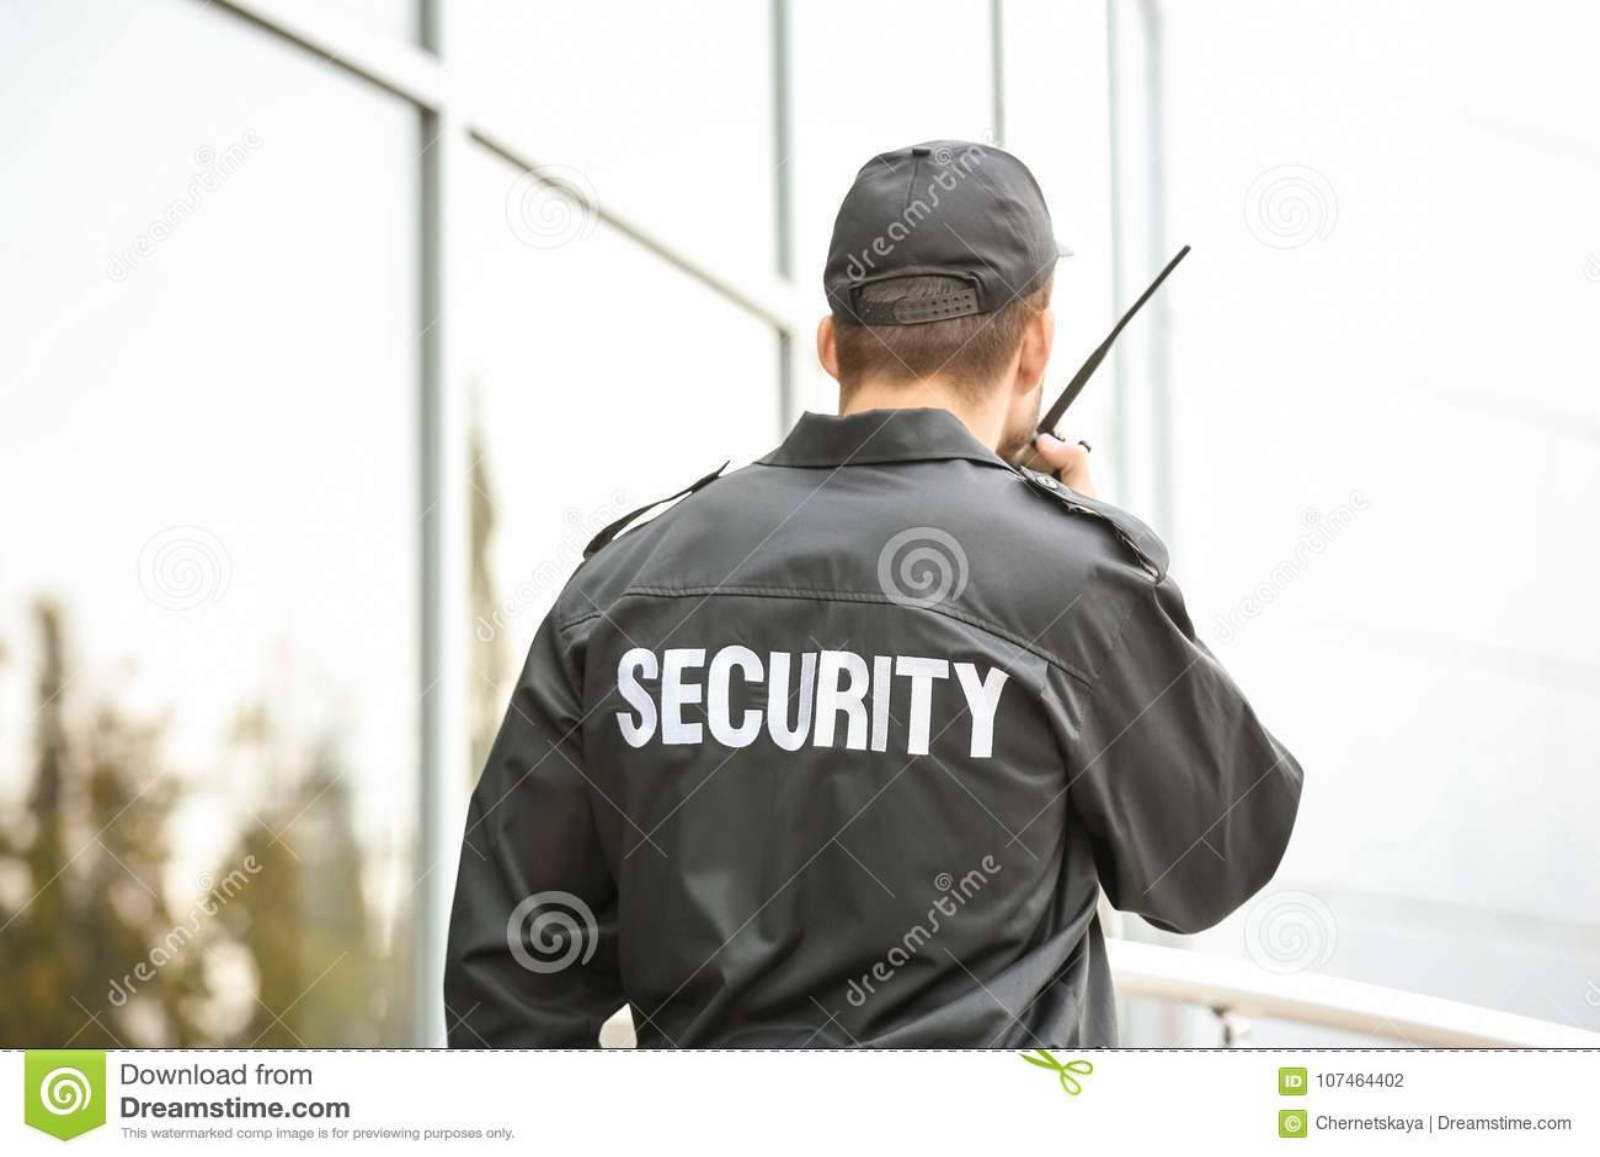 Guardia de seguridad masculino usando transmisor de la radio portátil